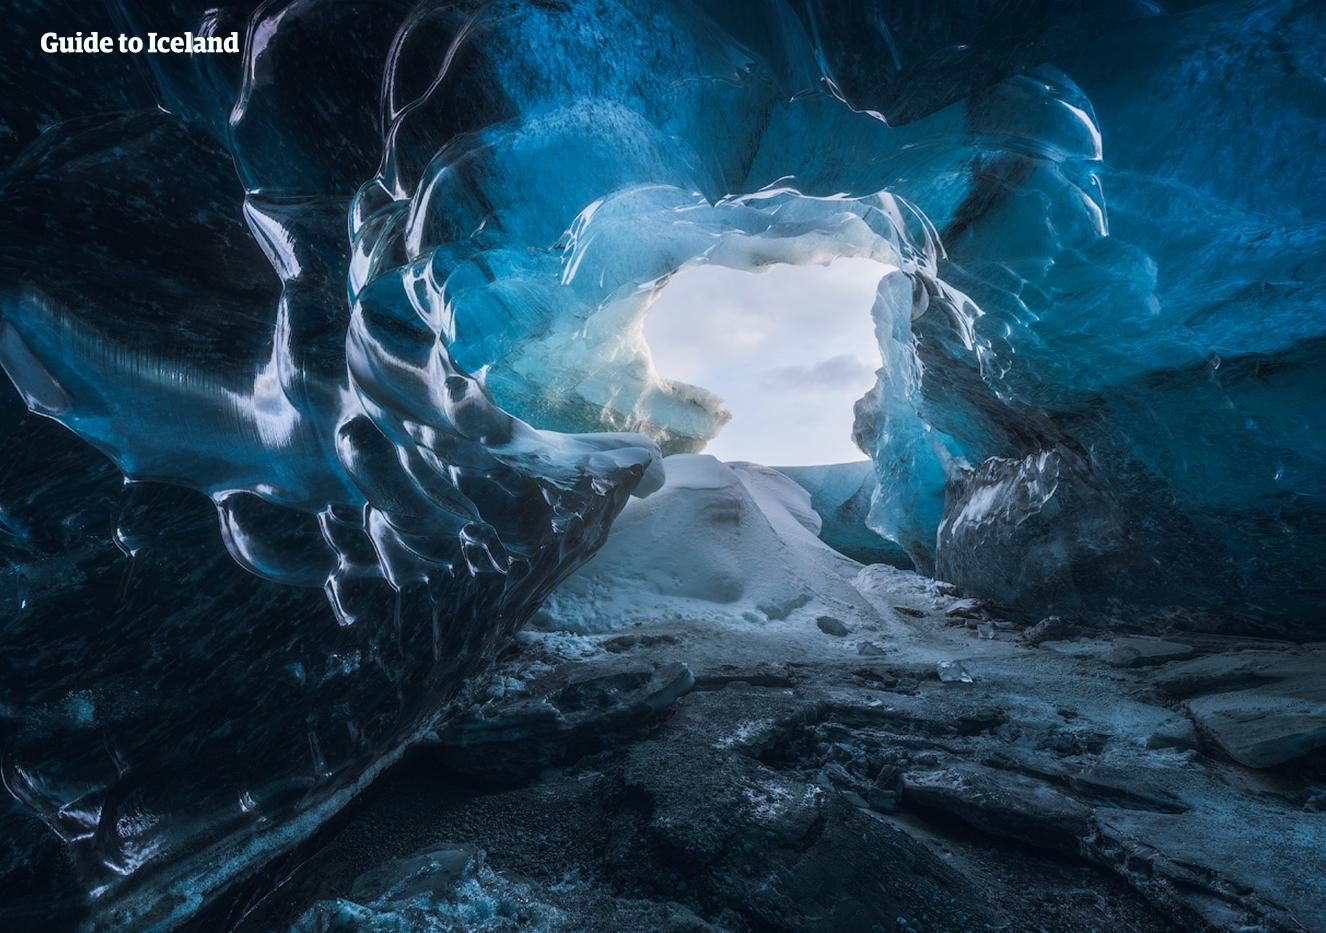 Das durch das Eis gebrochene Licht macht einen Besuch der Eishöhlen im Südosten Islands im Winter zu einem magischen Erlebnis.